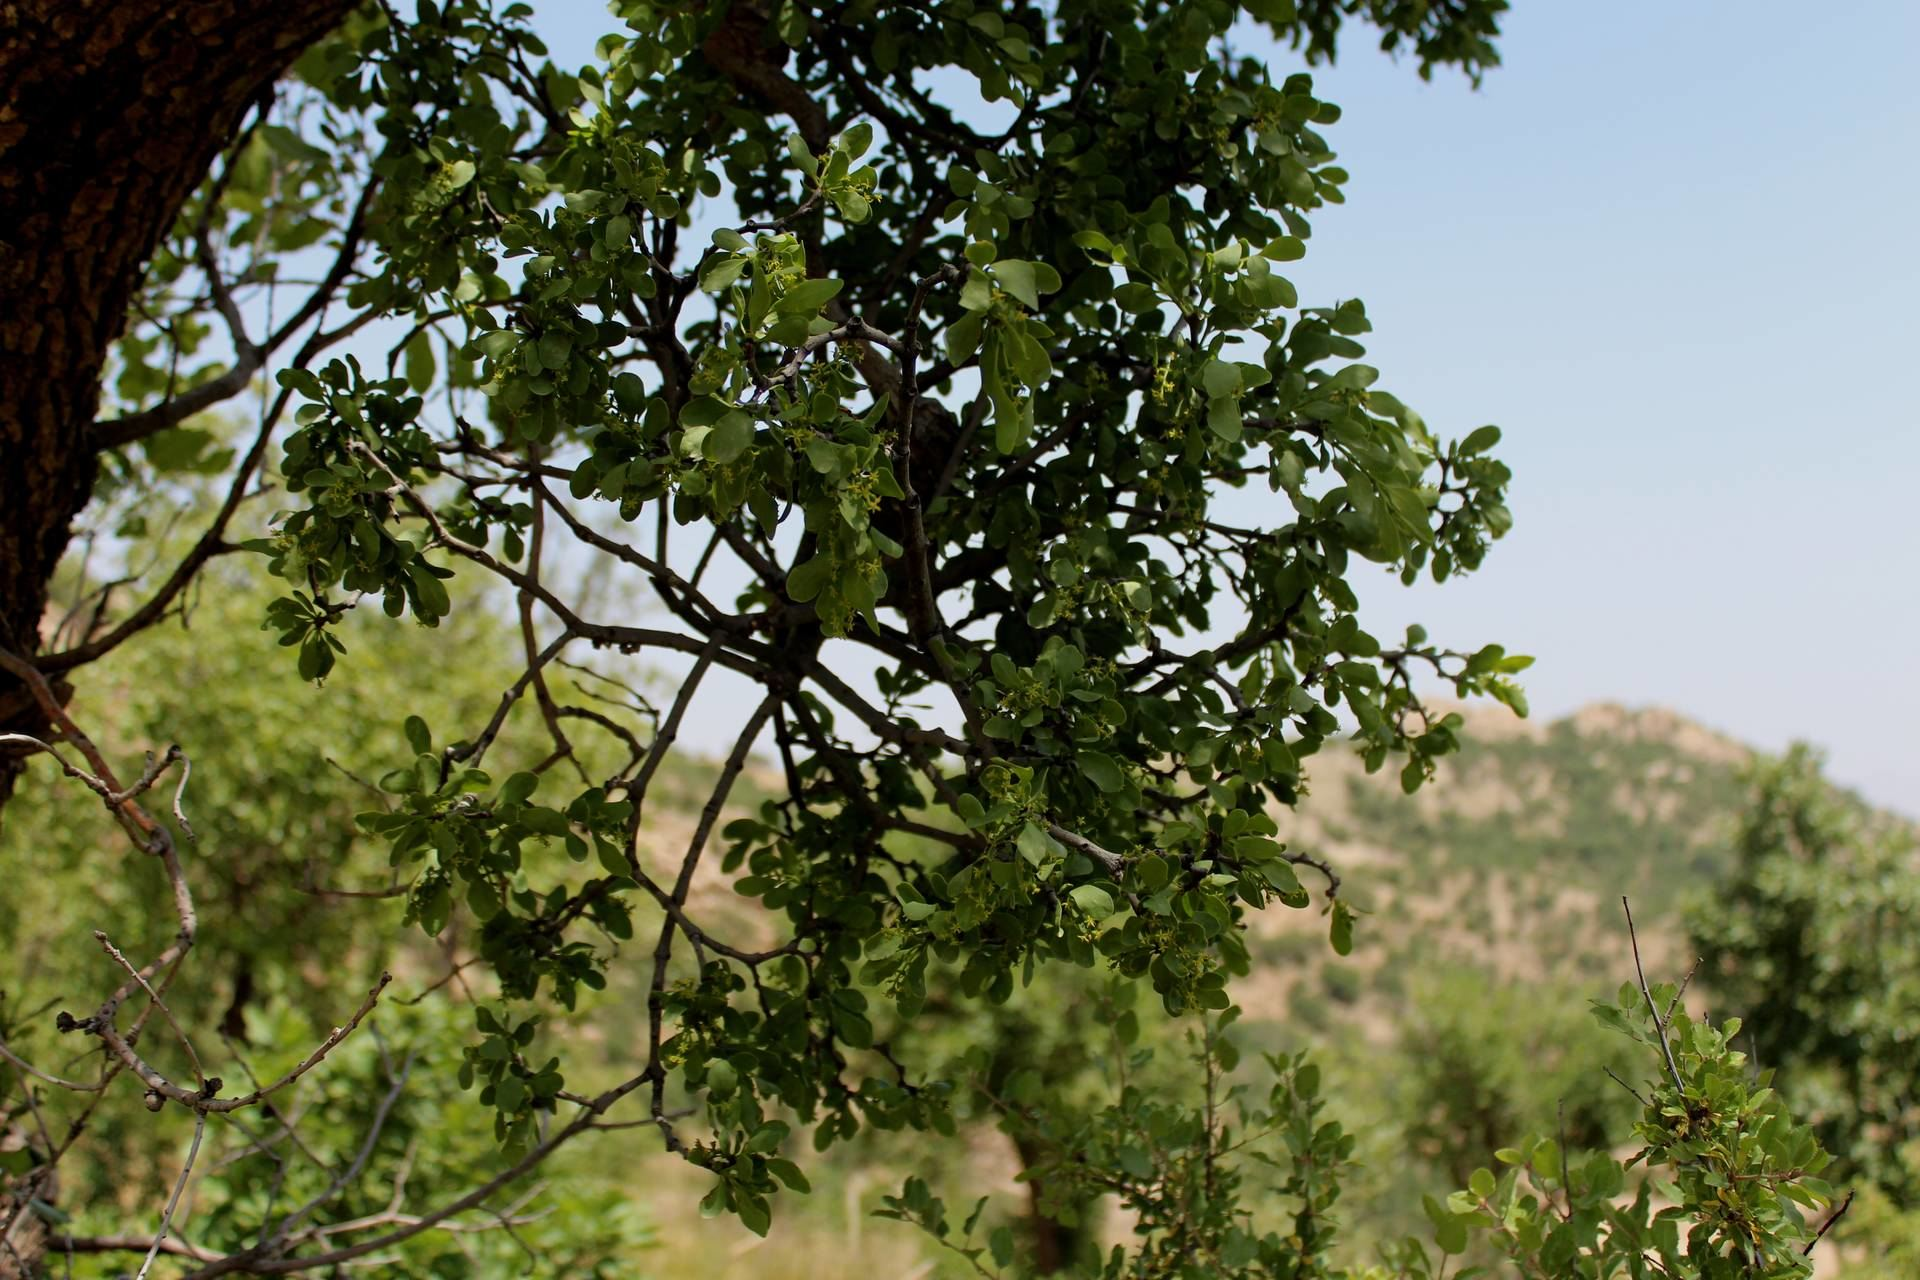 hemiparasite plant on Oak trees(Quercus aegilops)